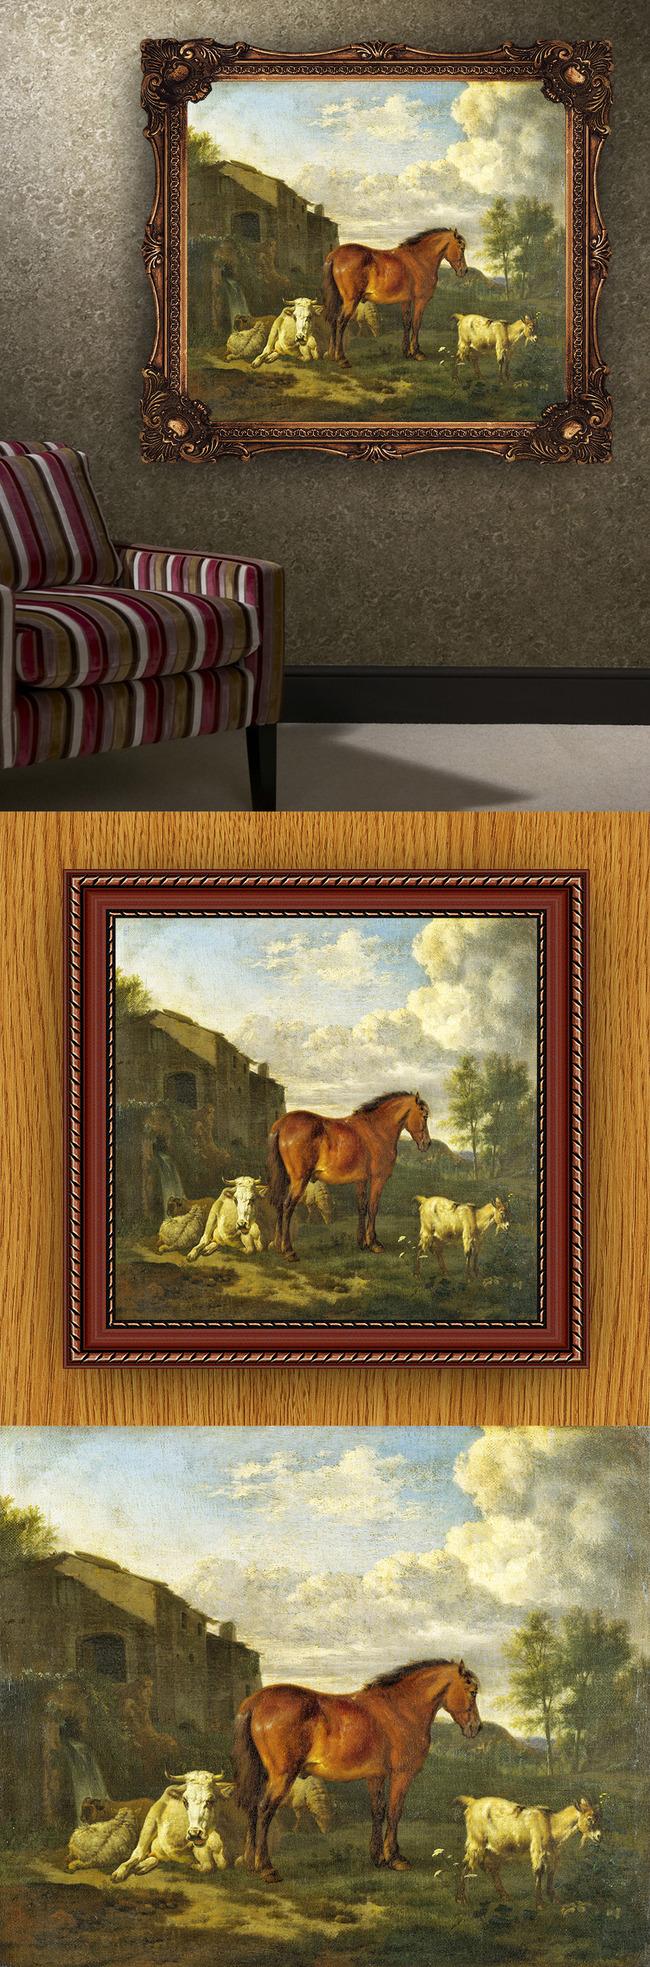 高清手绘古典传统写实风格人物风景油画